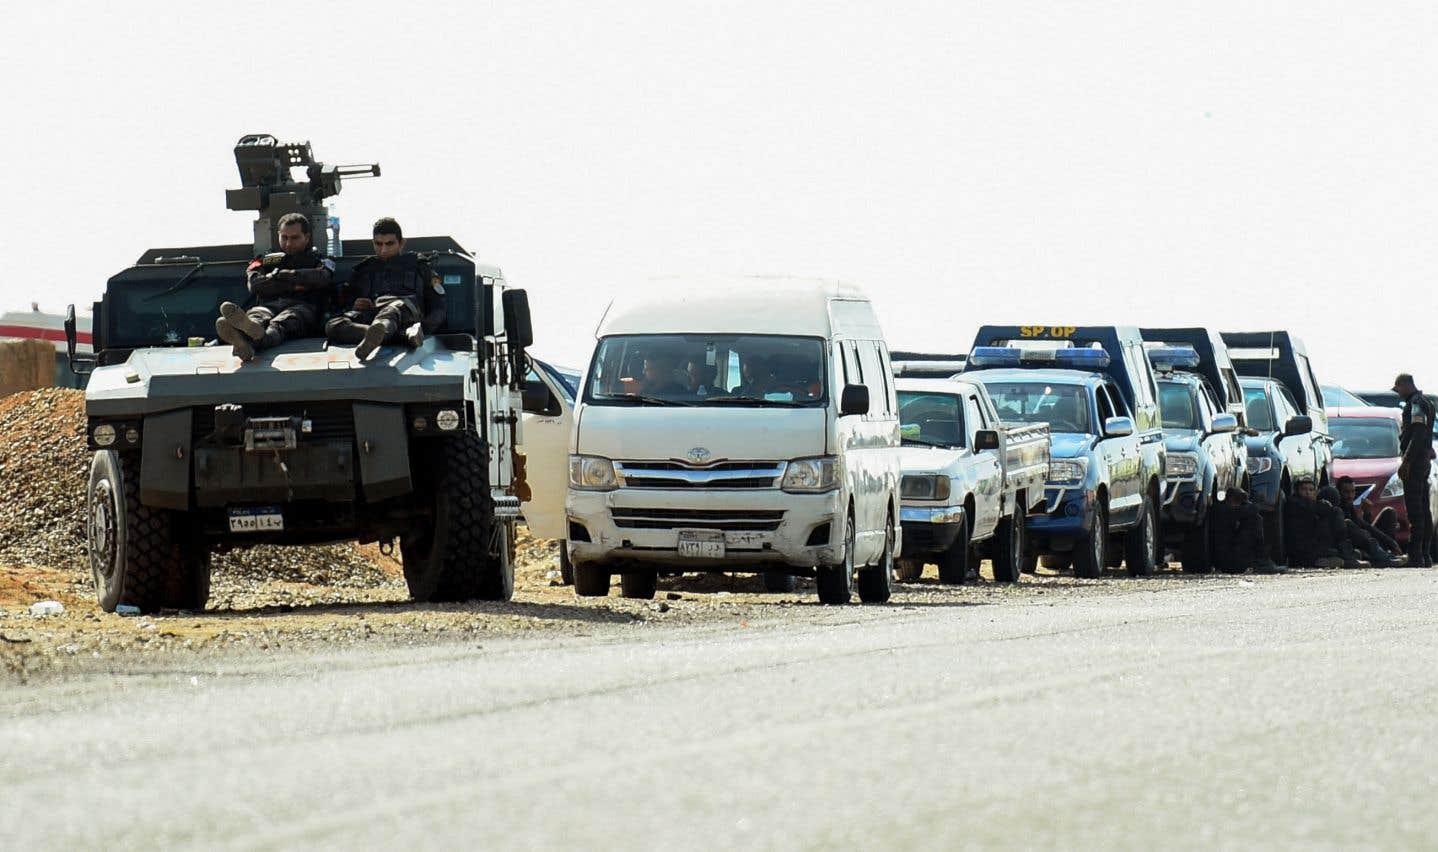 Les affrontements avec des insurgés islamistes ont eu lieu dans le désert occidental au sud-ouest duCaire.